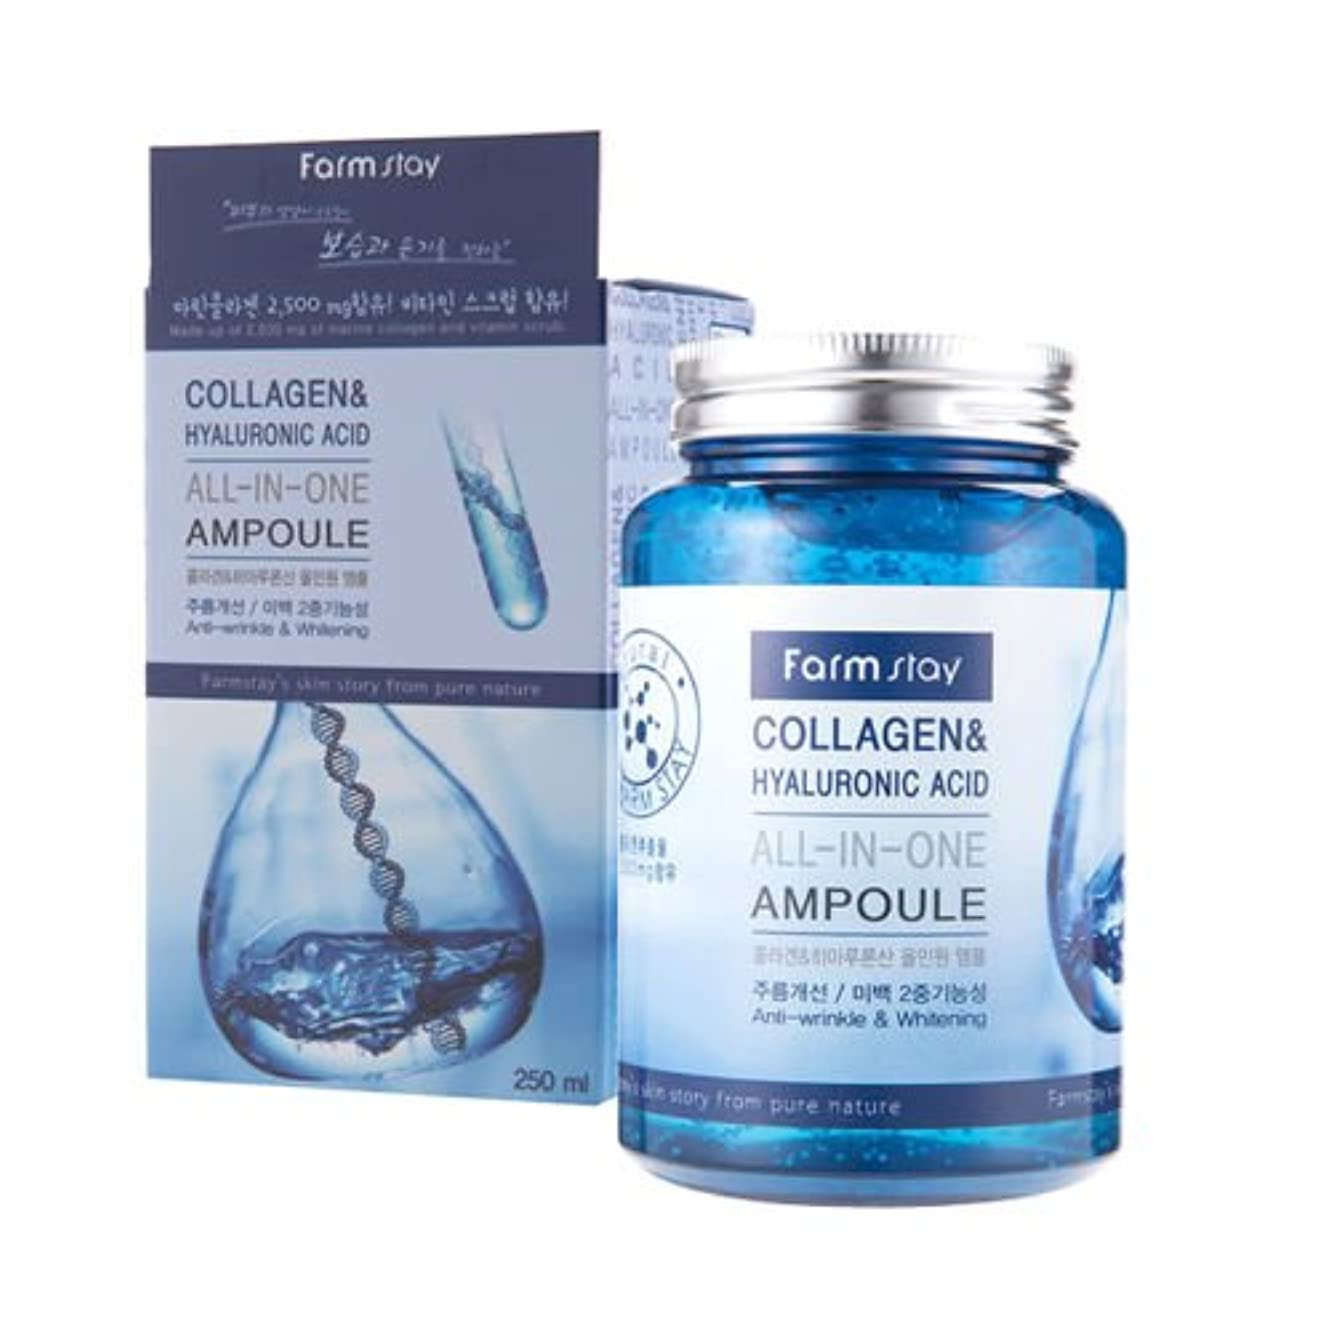 ネックレス支店小人Farm Stay Collagen & Hyaluronic Acid All In One Ampoule 250ml/Korea Cosmetic [並行輸入品]